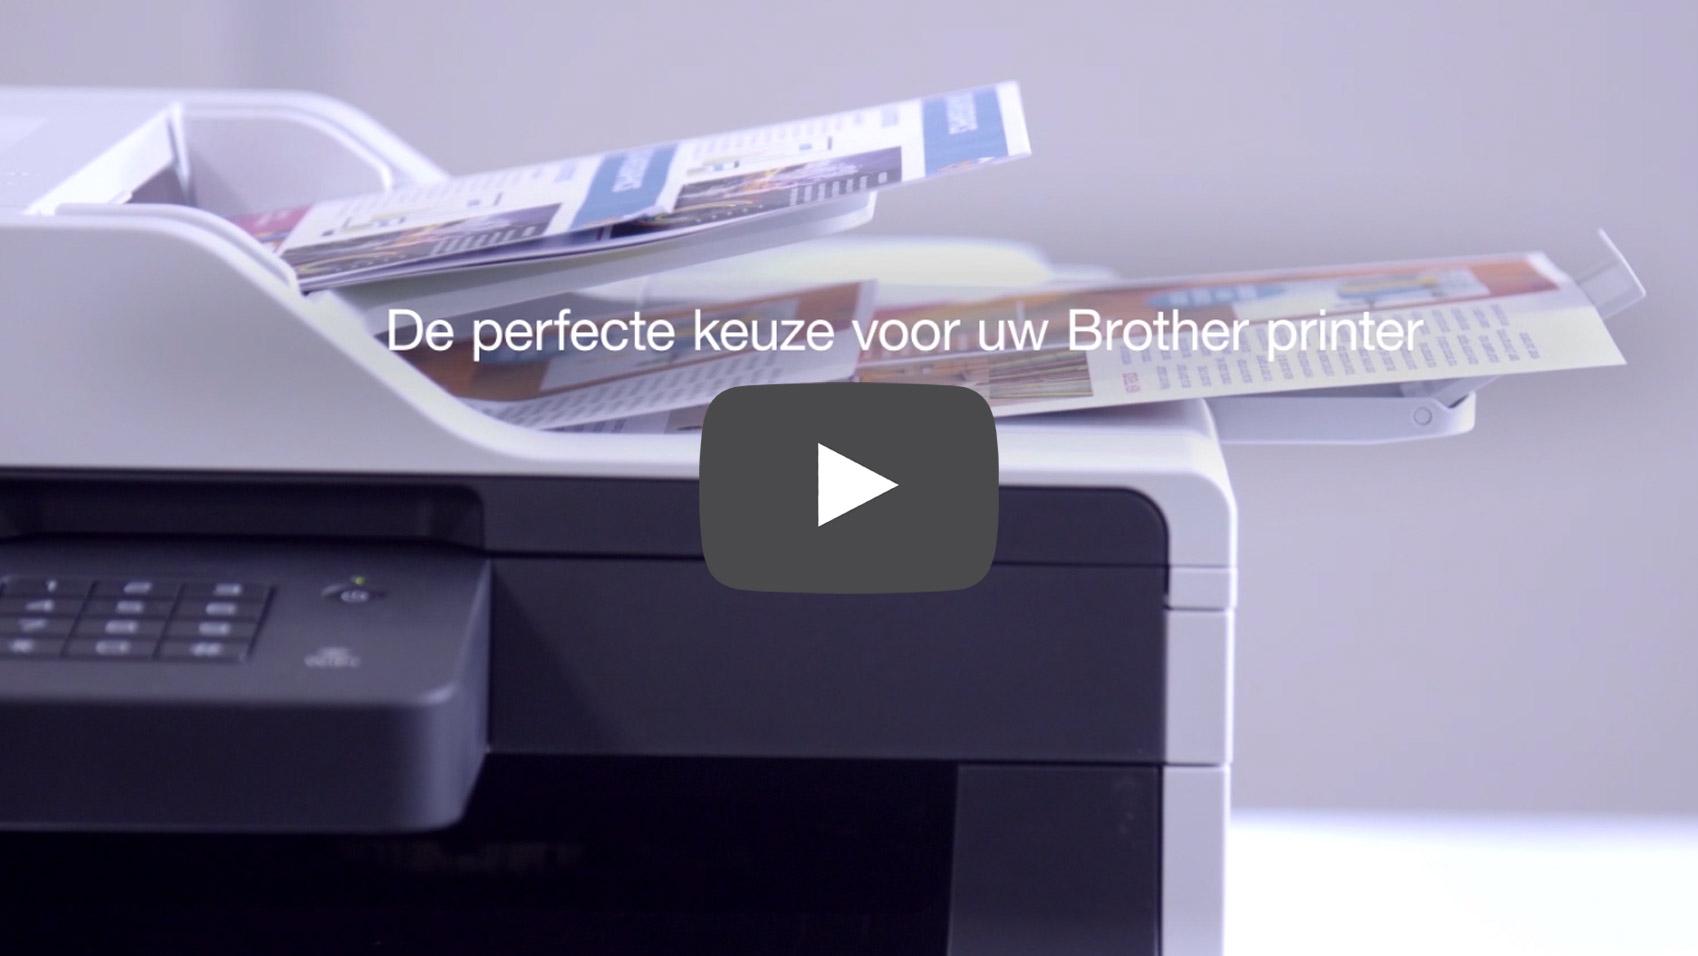 Originele Brother LC-985BKBP2 zwarte inktcartridge voordeelverpakking met 2 cartridges. 3